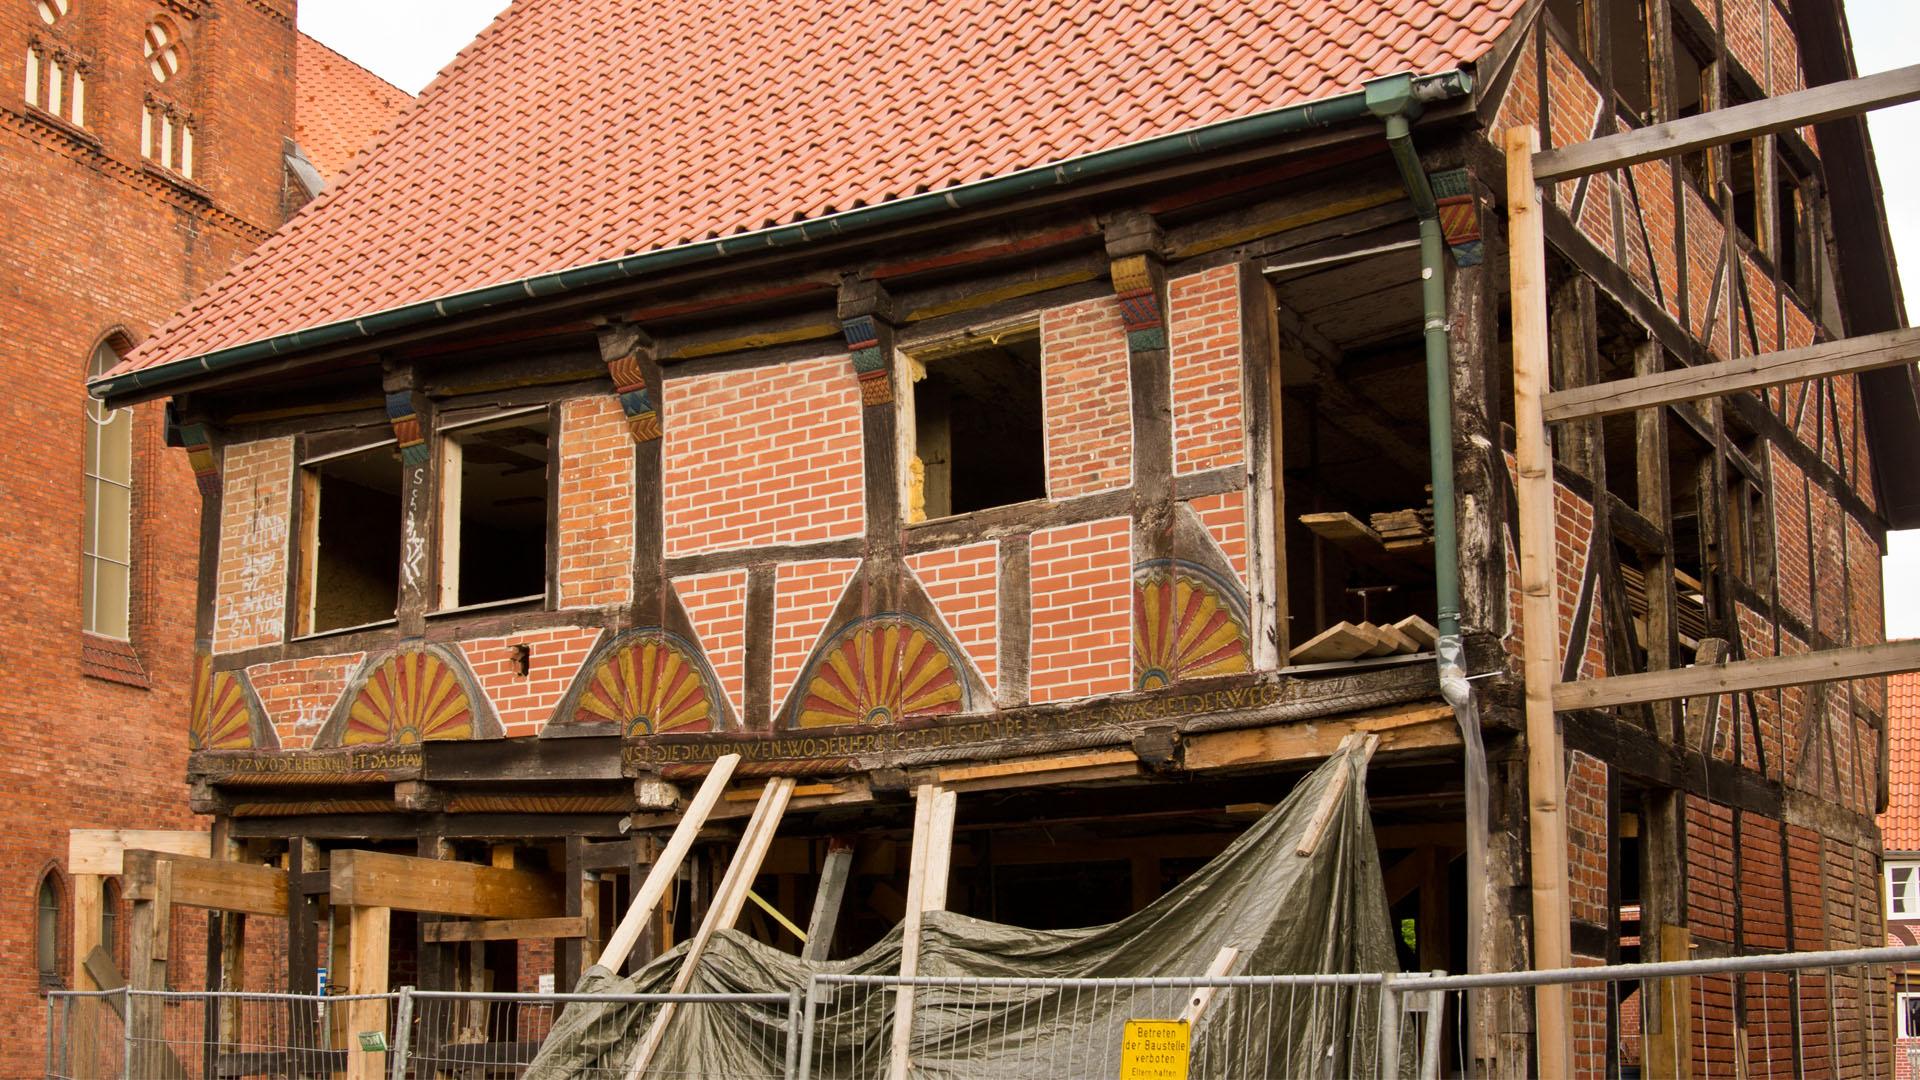 Am Elbschifffahrtsmuseum in Lauenburg an der Elbe